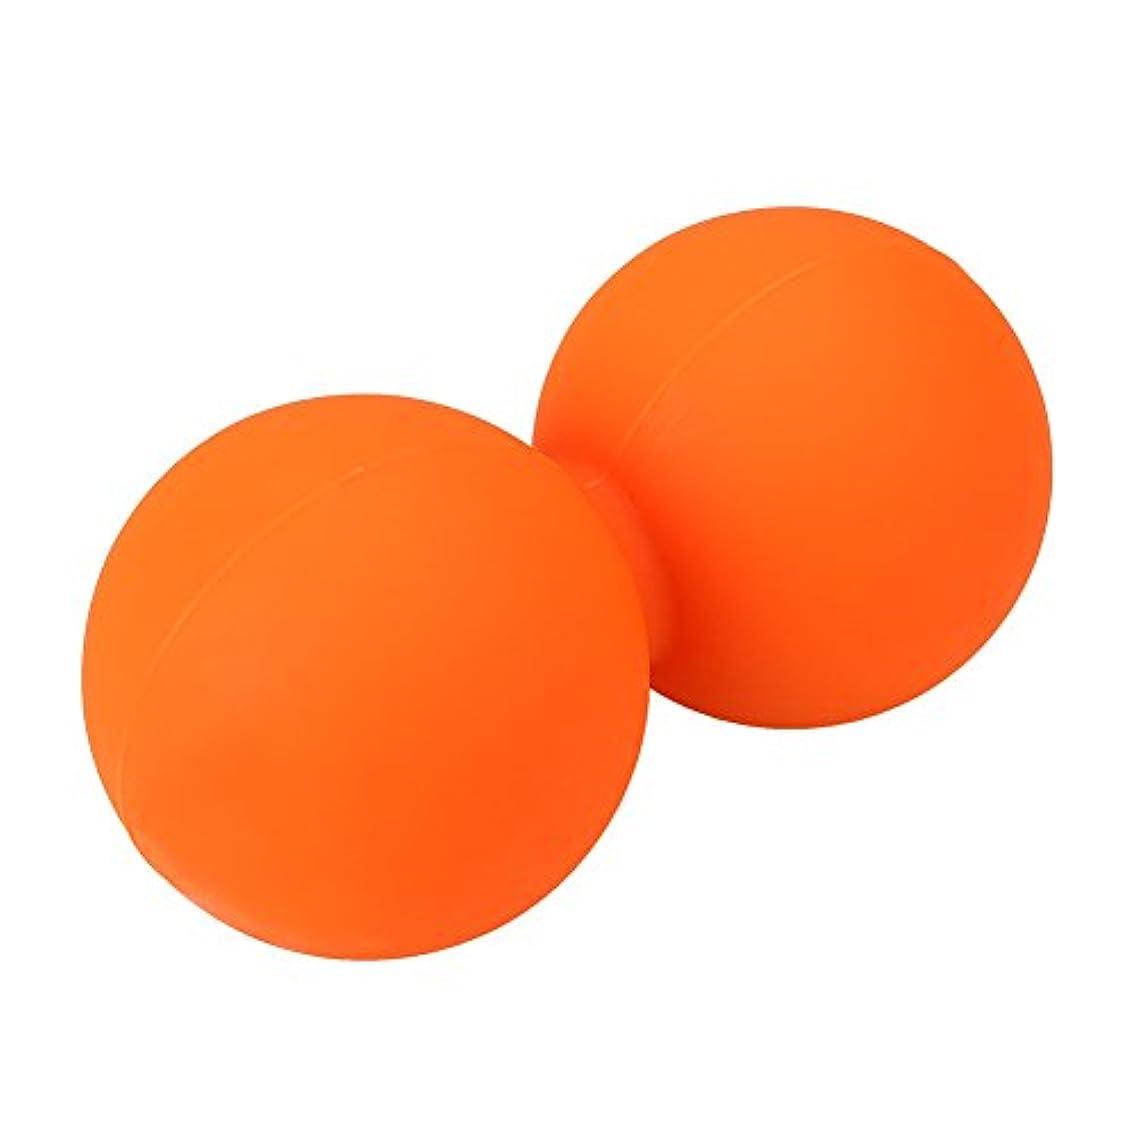 関連付ける花嫁スキルwlgreatsp ダブルラクロスMyofascialトリガーポイントリリースマッサージクロスボールエクササイズ